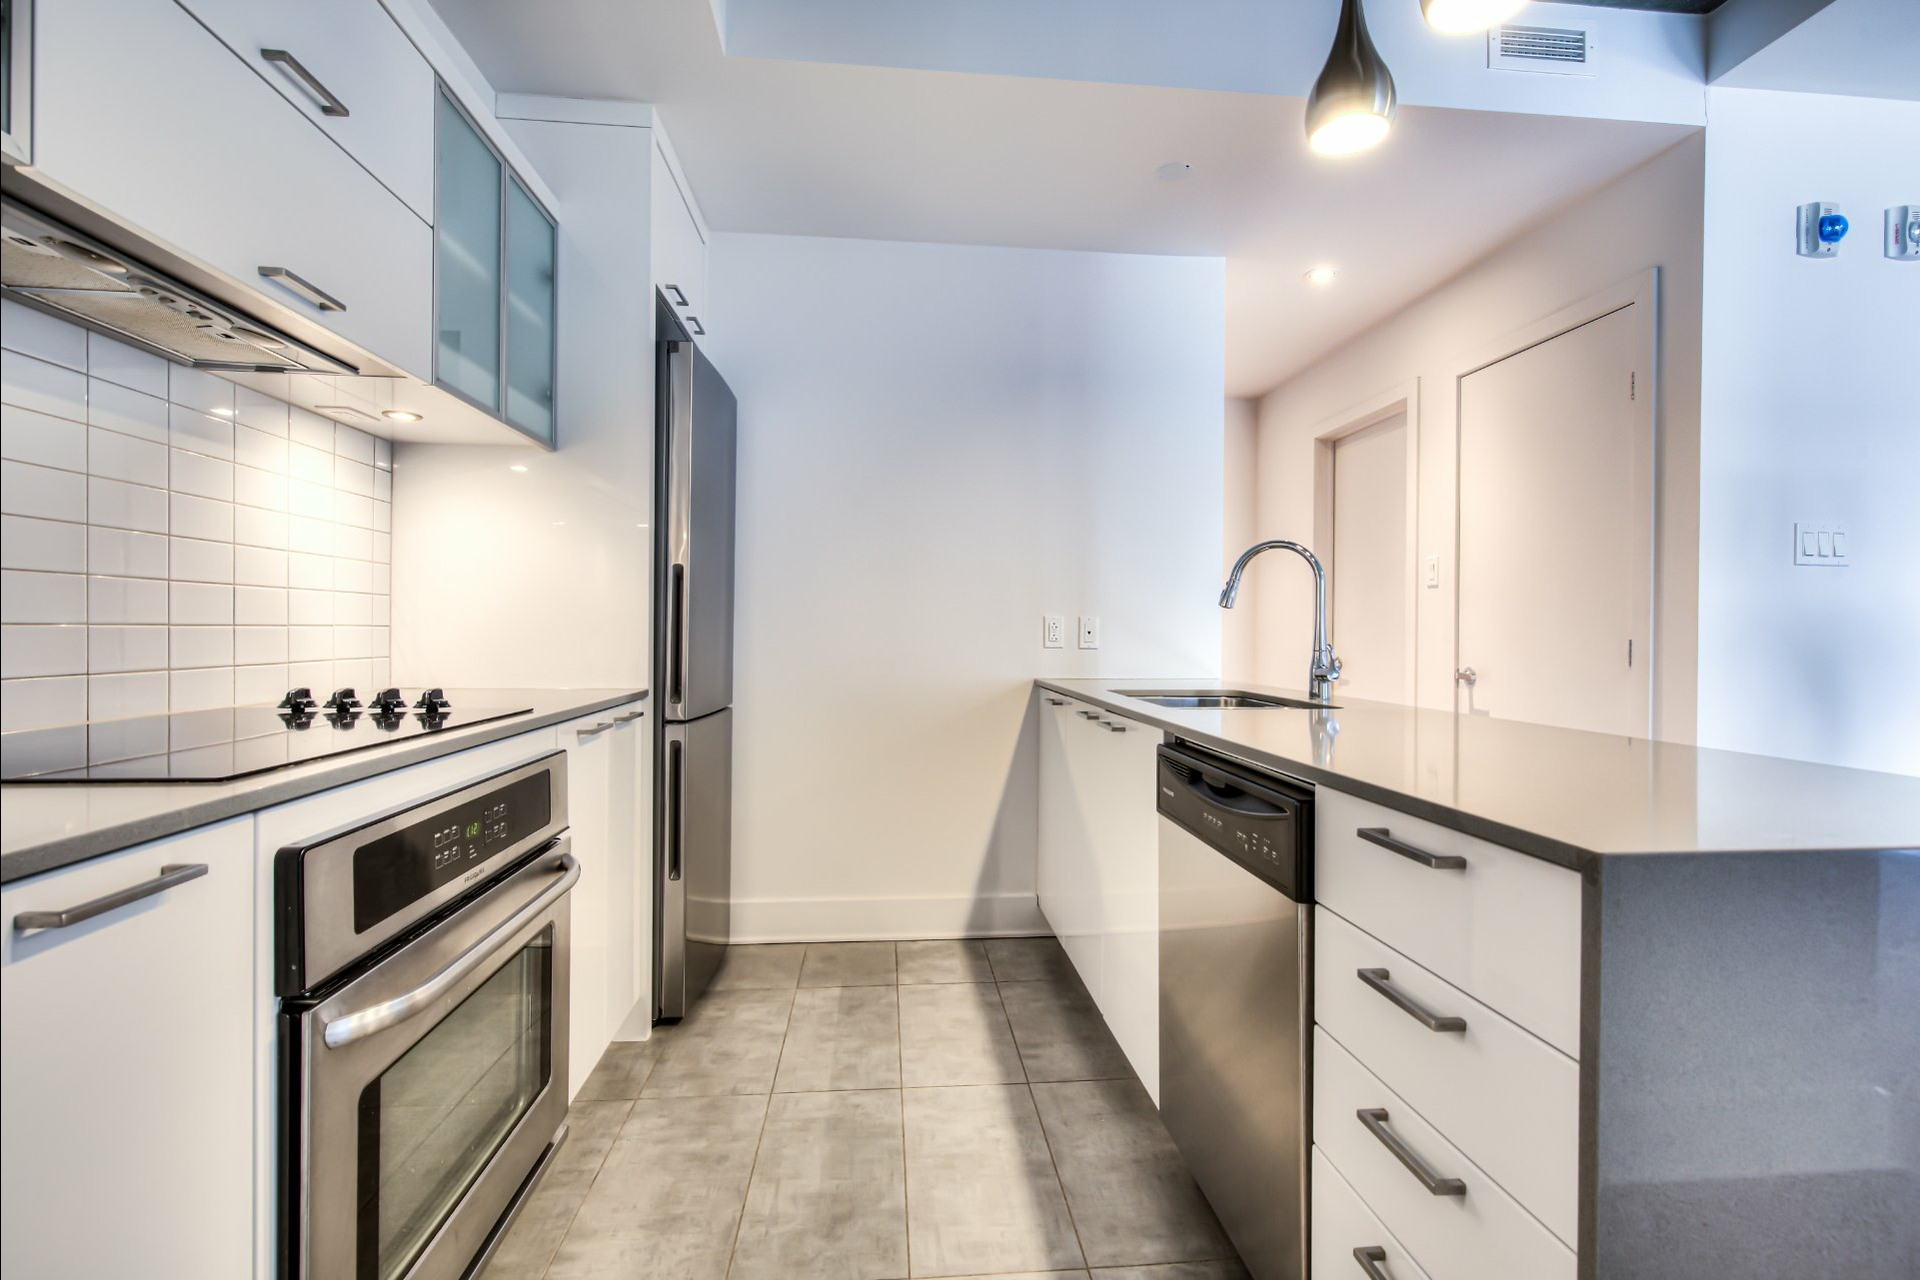 image 11 - Appartement À vendre Le Sud-Ouest Montréal  - 7 pièces